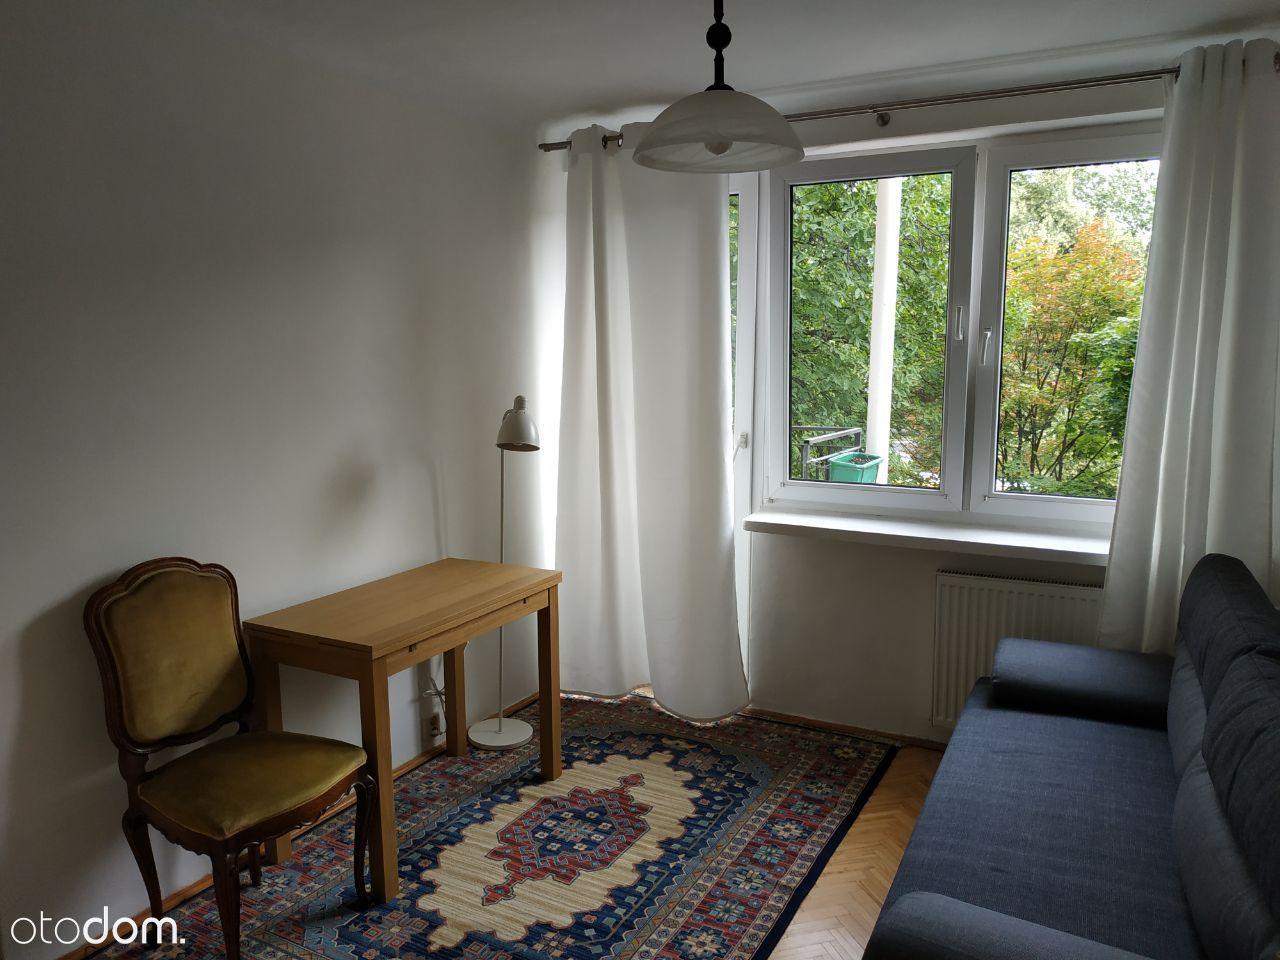 Ładny pokój z balkonem, 5 min spacerem od UW i WAM